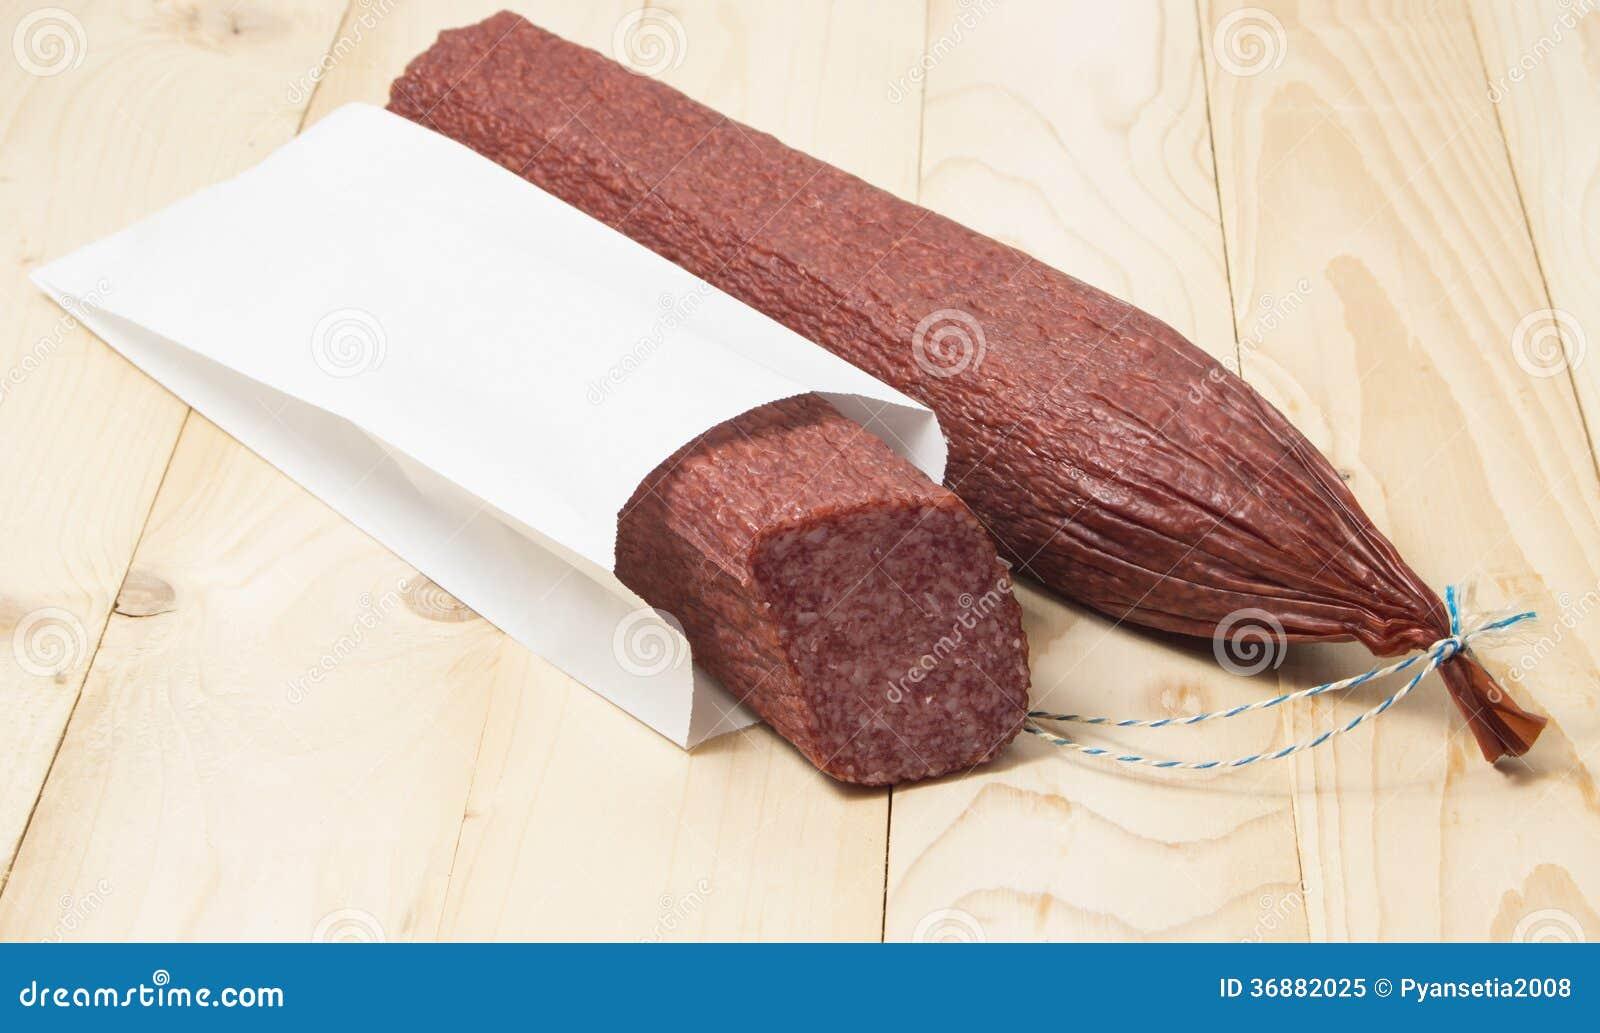 Download Pacchetto del salame. immagine stock. Immagine di gourmet - 36882025